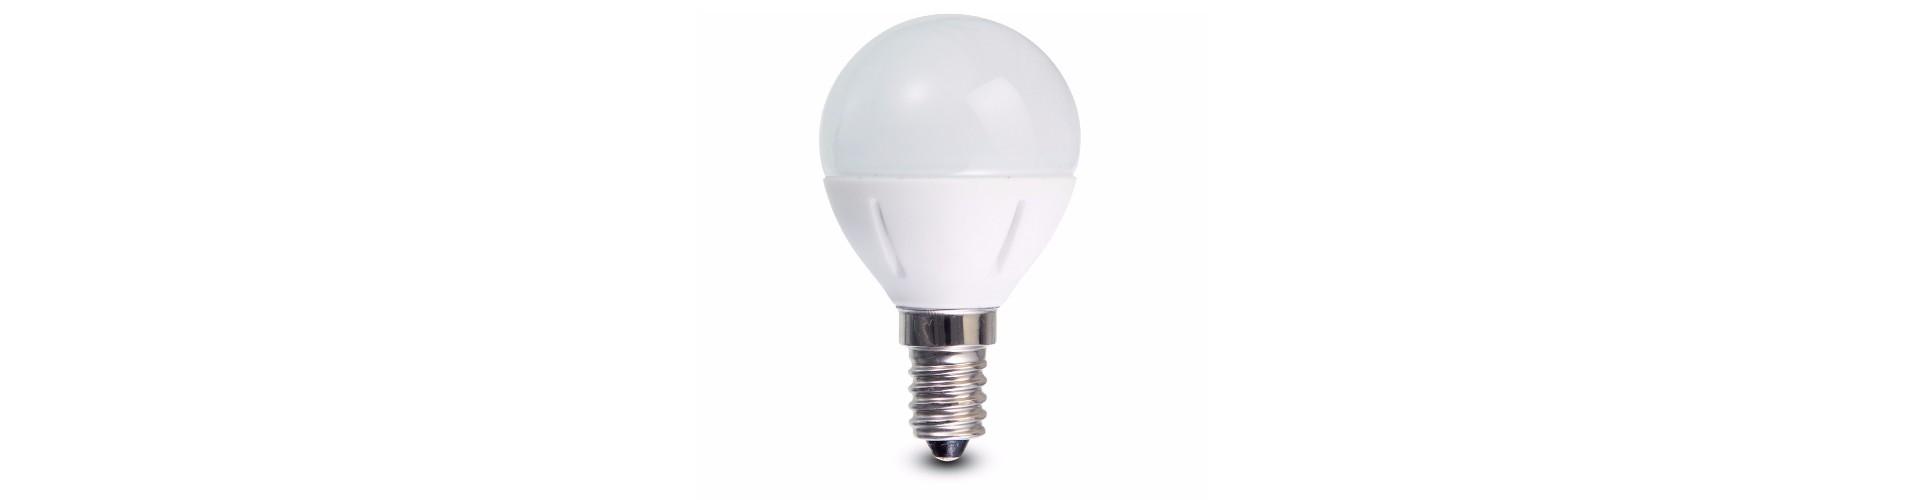 Dimbare led lampen ledlampcentrale ledlampcentrale heeft een groot assortiment dimbare led lampen in verschillende uitvoeringen parisarafo Images